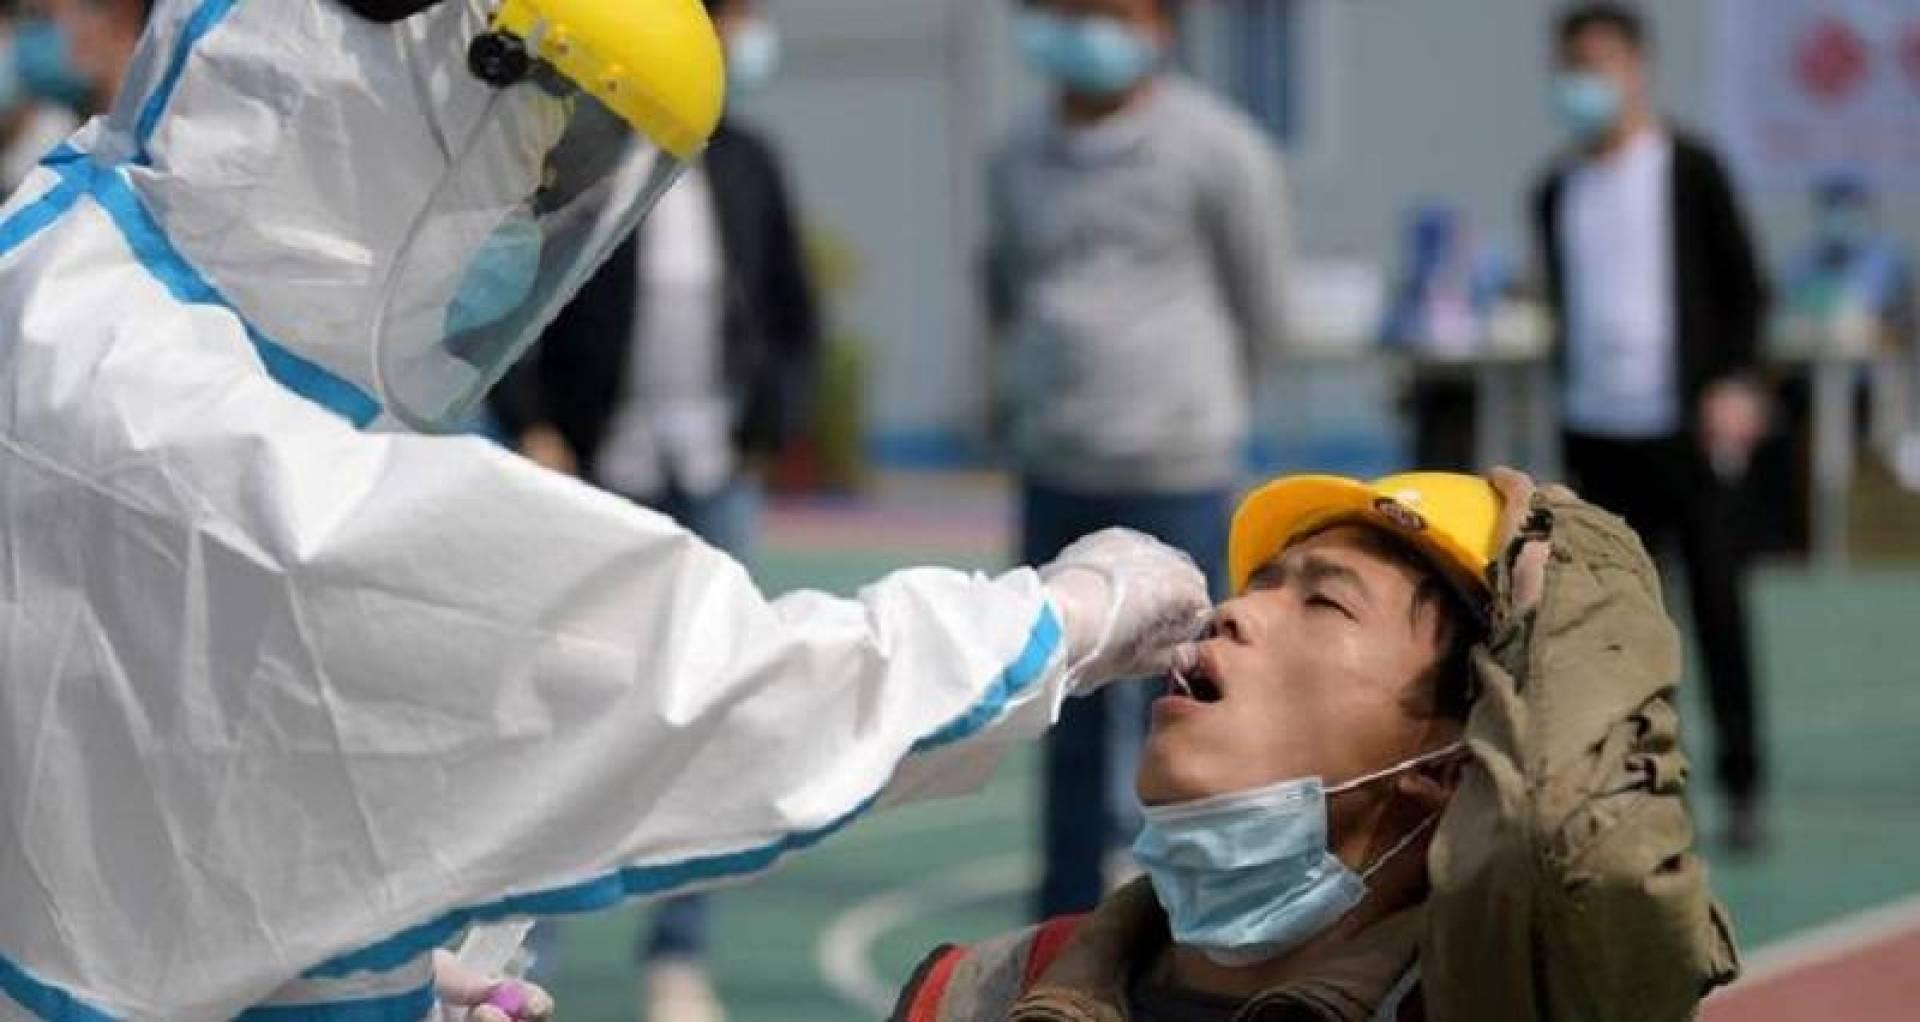 ووهان الصينية: أجرينا 1470950 اختبارا لكورونا أمس